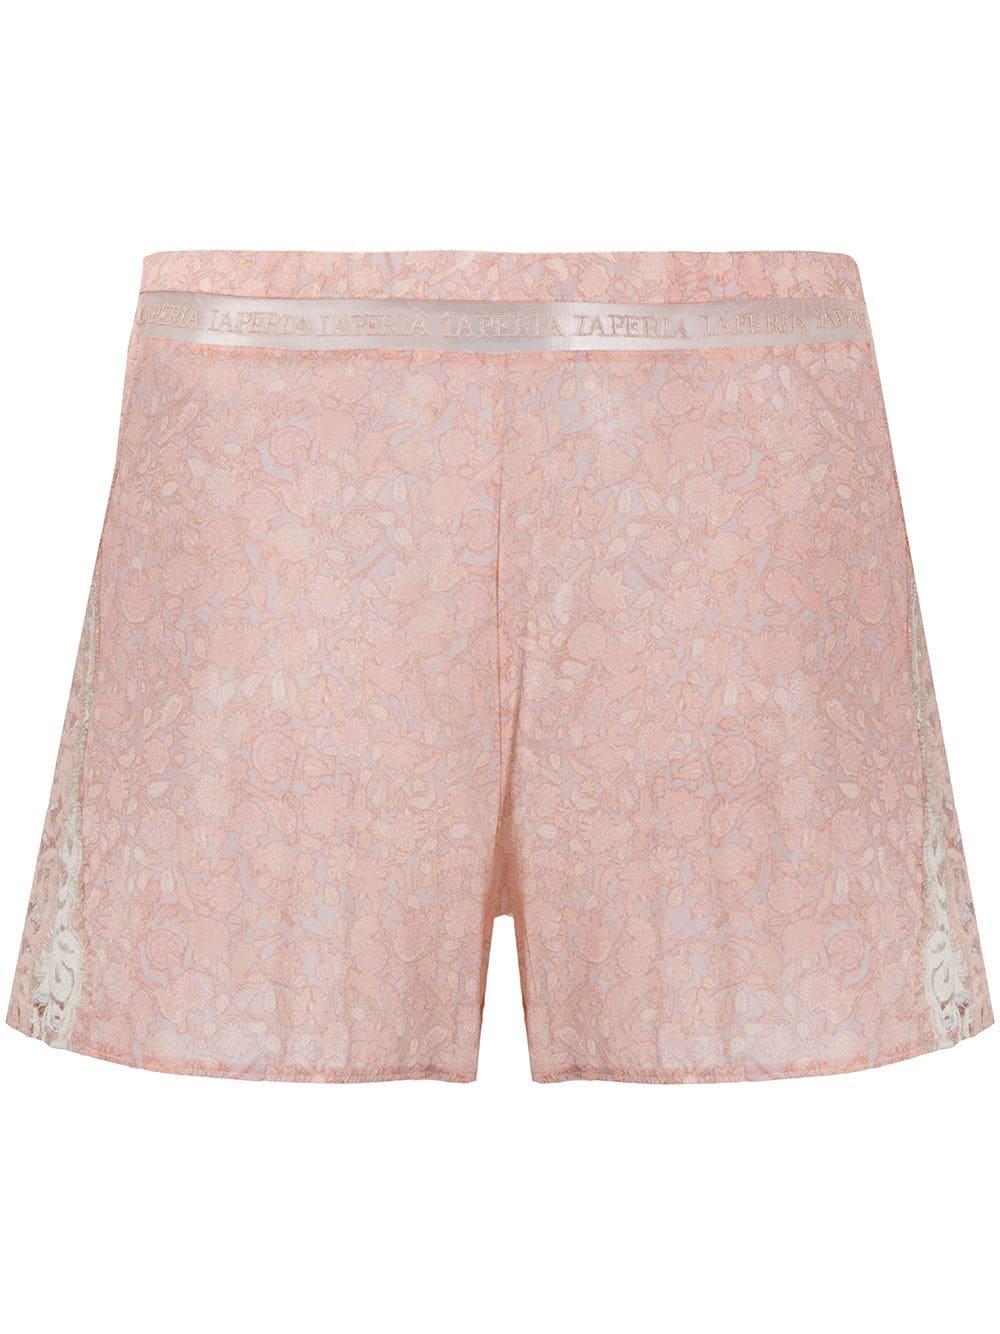 Tree Of Life Silk Pajama Shorts